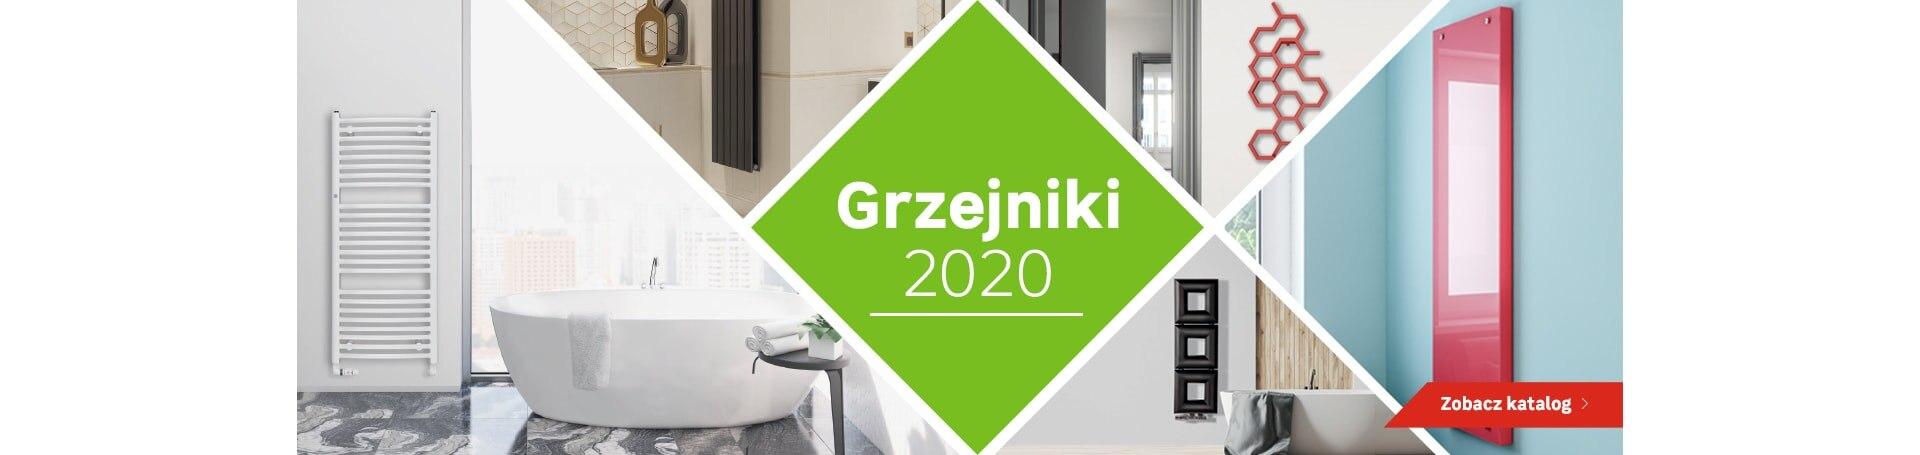 rr-katalog-grzejniki-15-20.02.2020-1323x455